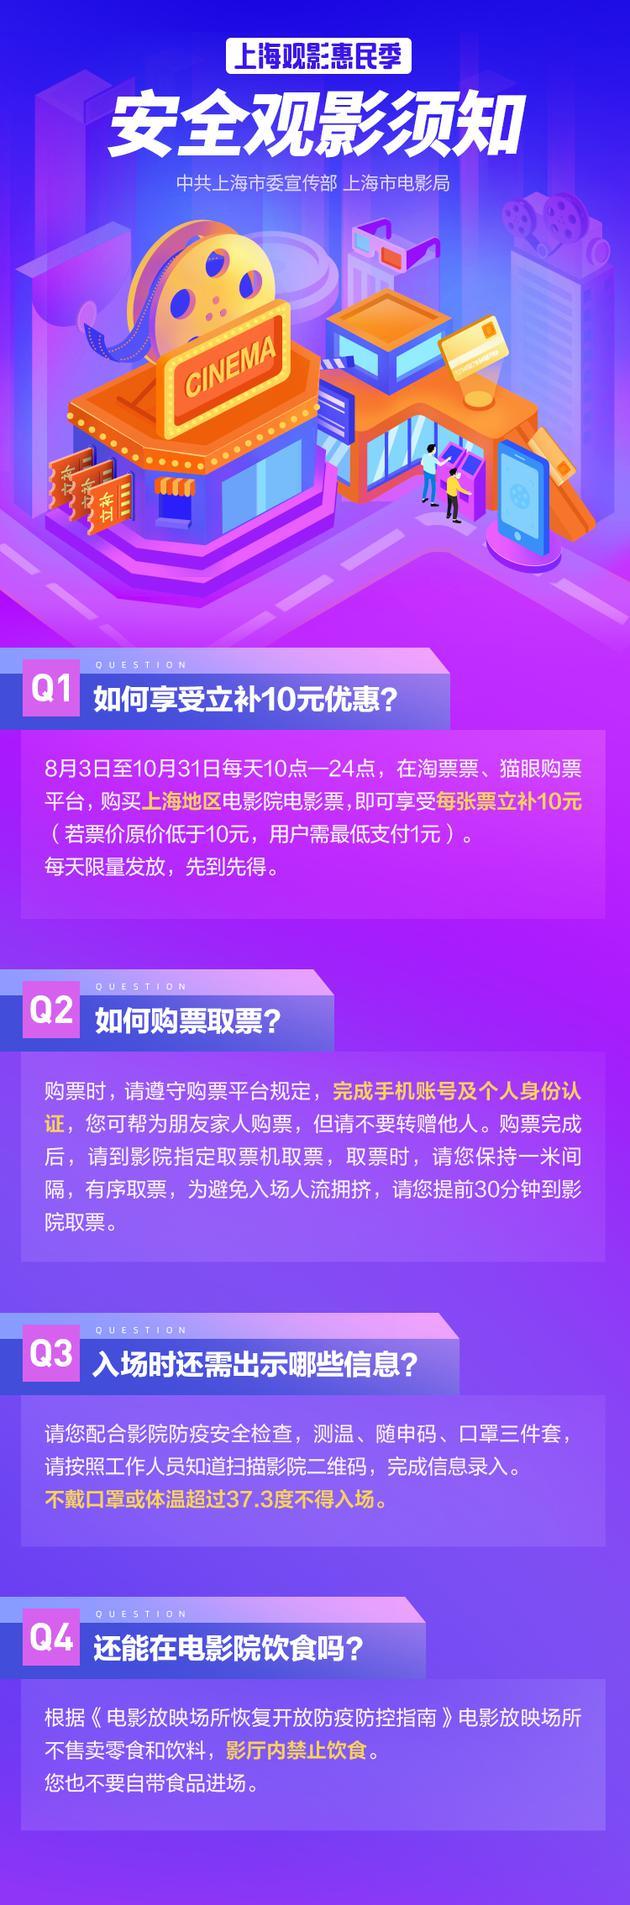 上海补贴市民观影:观众买电影票